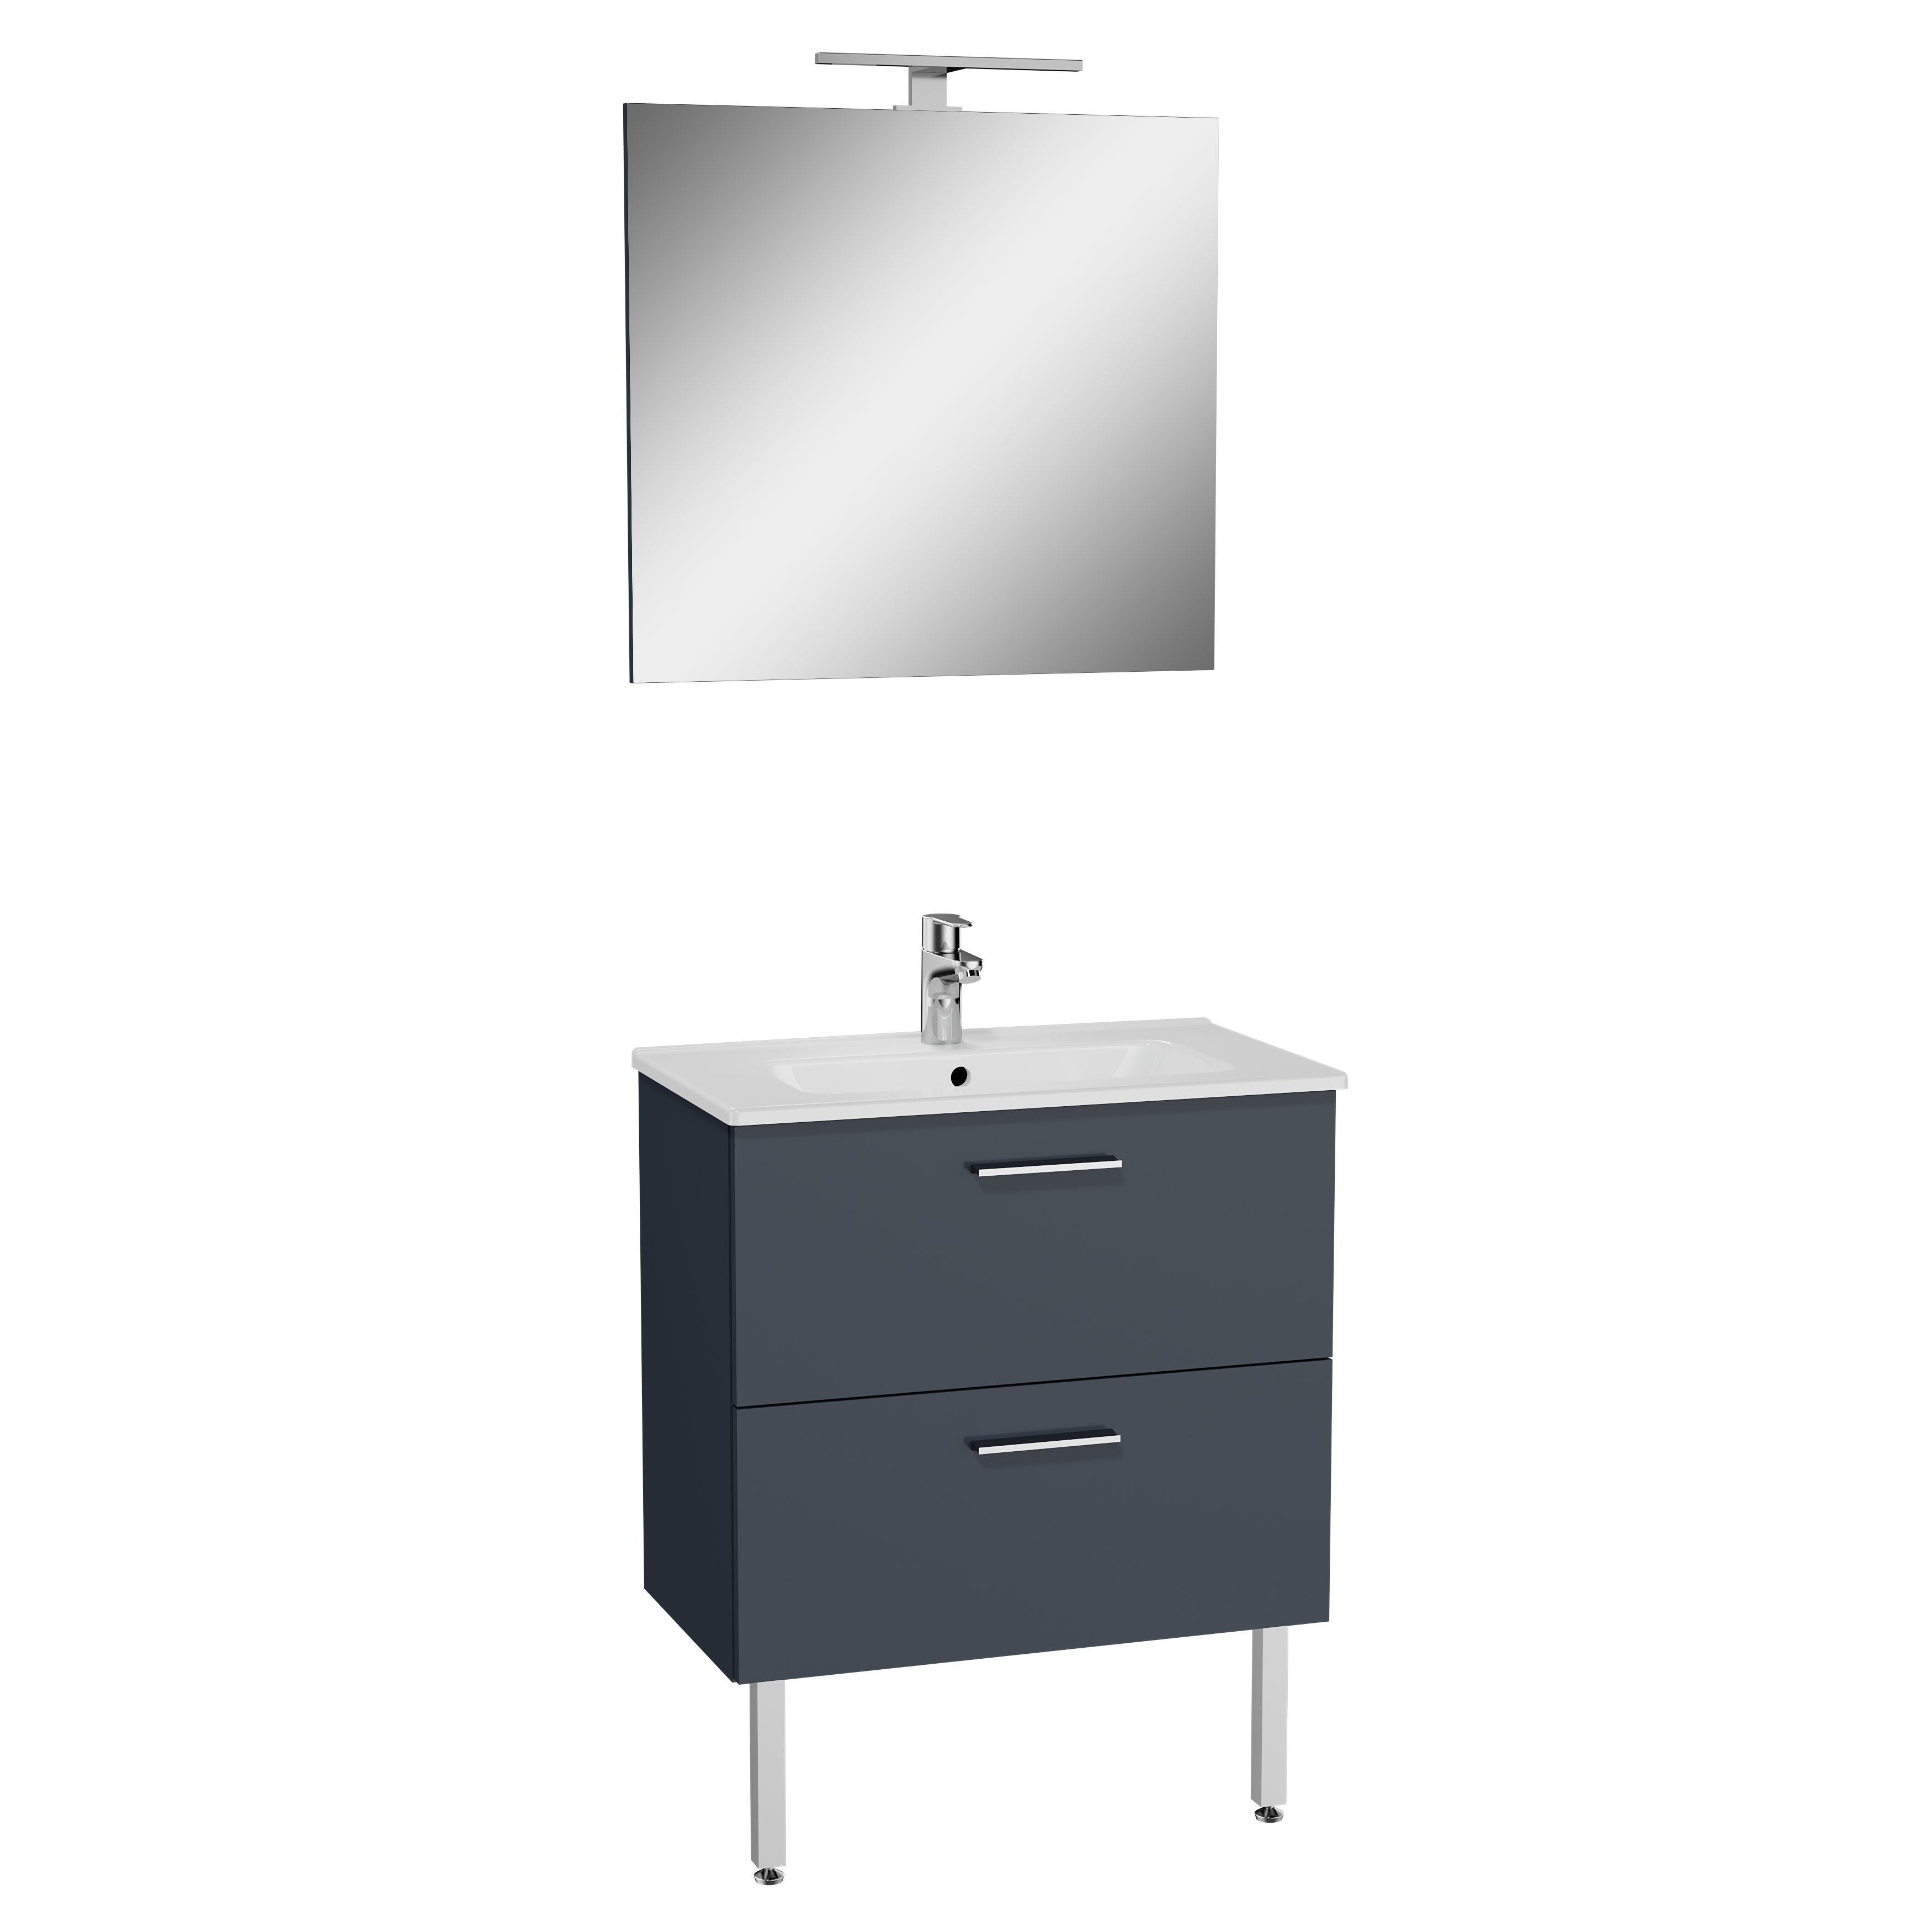 Mia set de meuble, avec 2 tiroirs, 70 cm, anthraciteacite